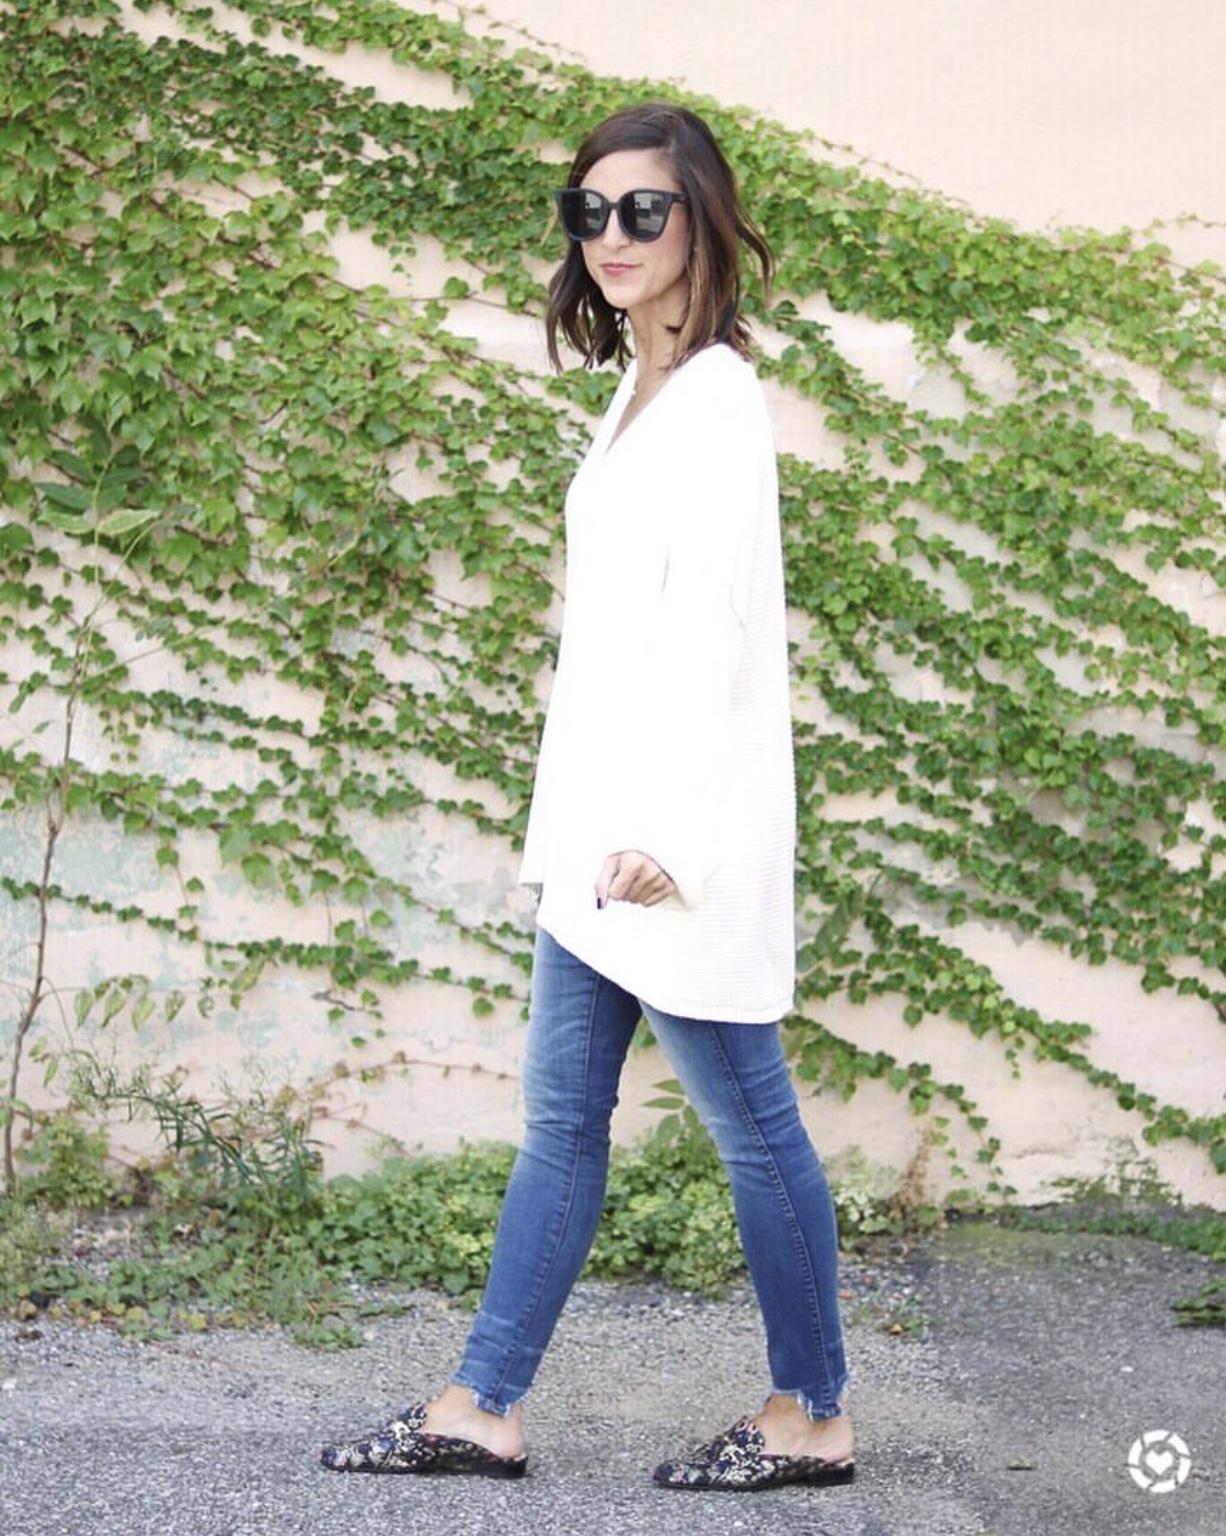 Oversized Cream Sweater - Instagram Fashion Lately by Washington DC fashion blogger Cobalt Chronicles